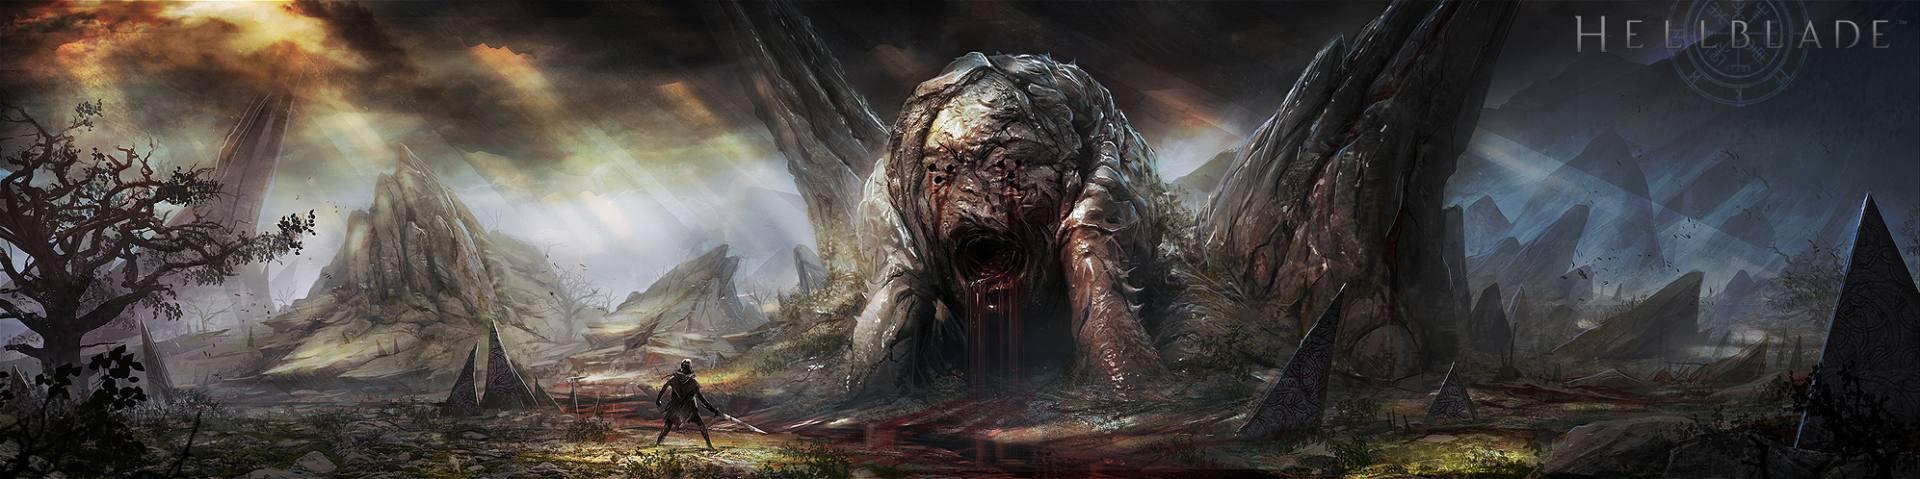 Hellblade 07-01-15 001